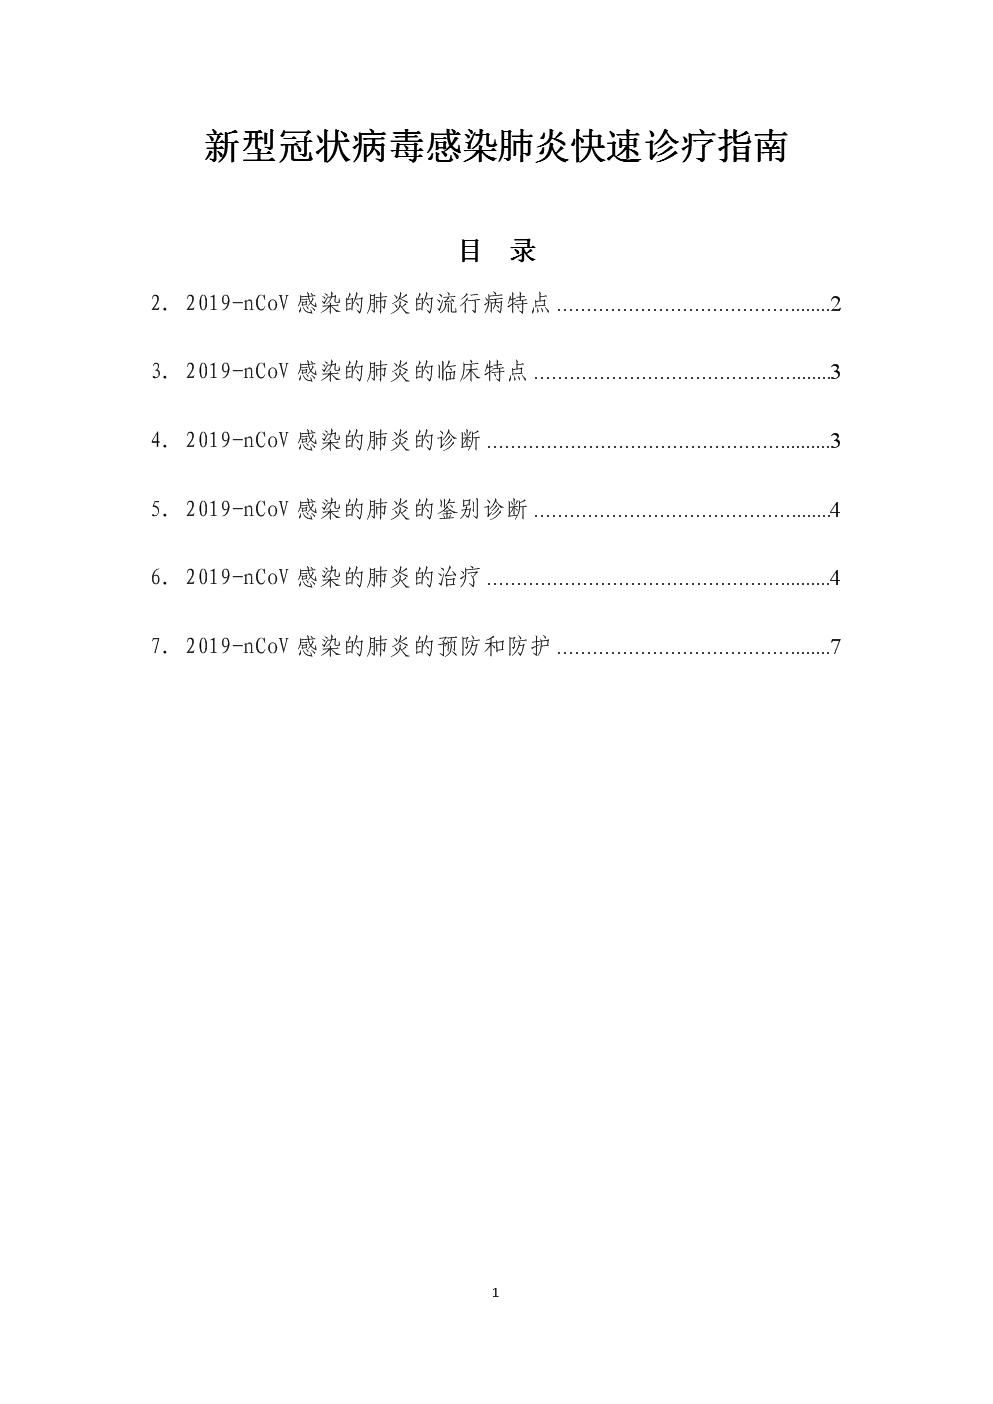 新型冠状病毒感染肺炎快速诊疗指南(2020年 同济医院).docx